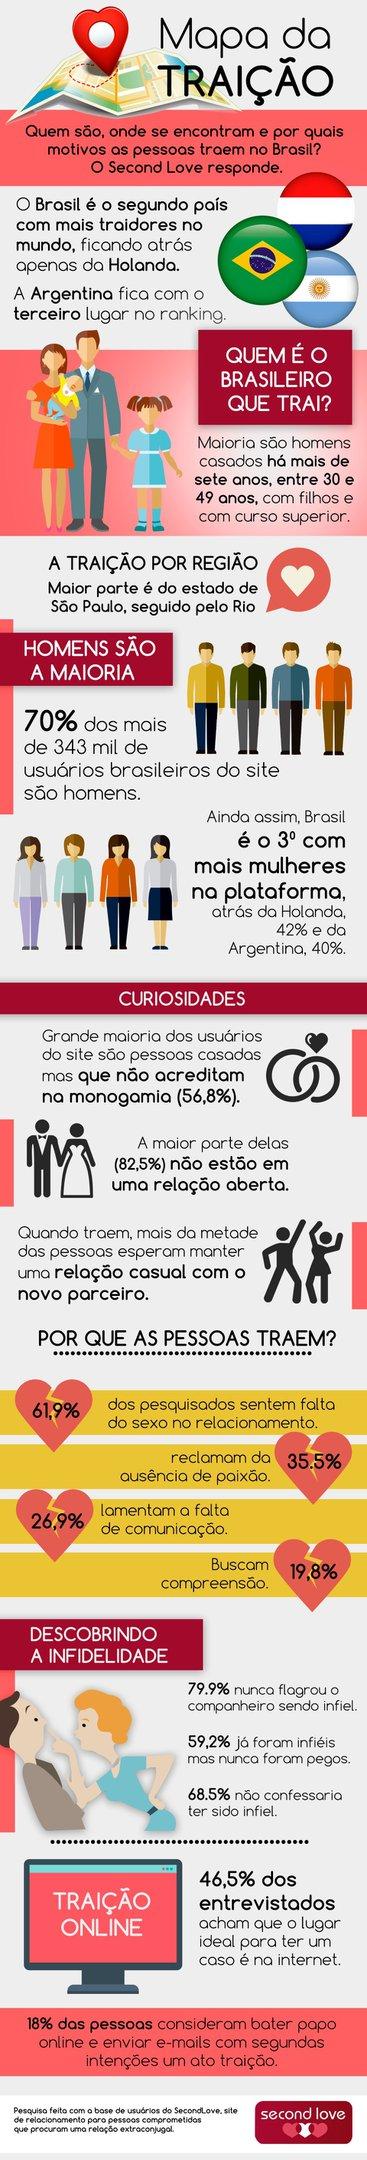 Infográfico traça perfil da traição no Brasil